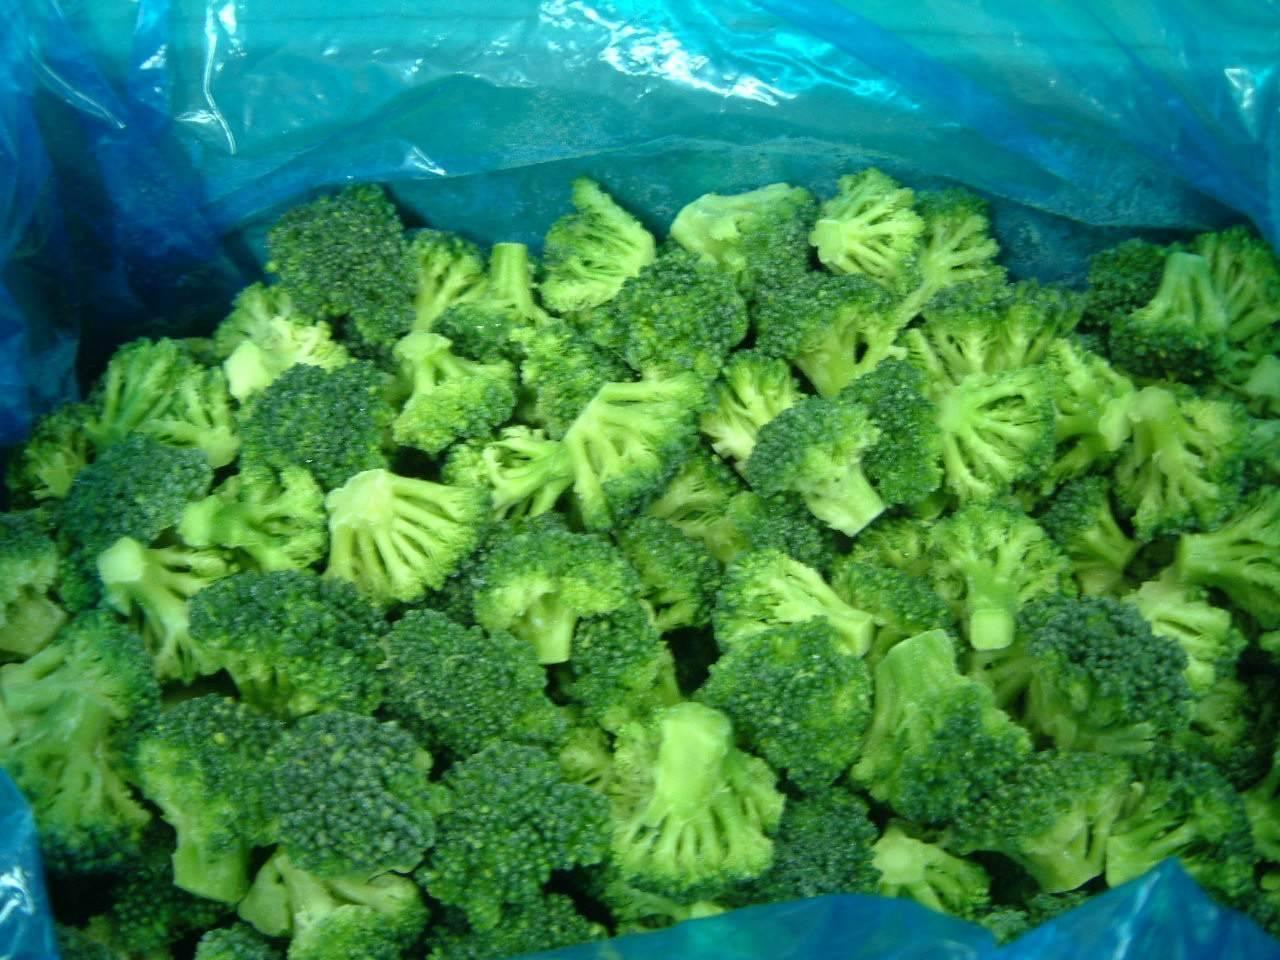 frozen broccoli florets